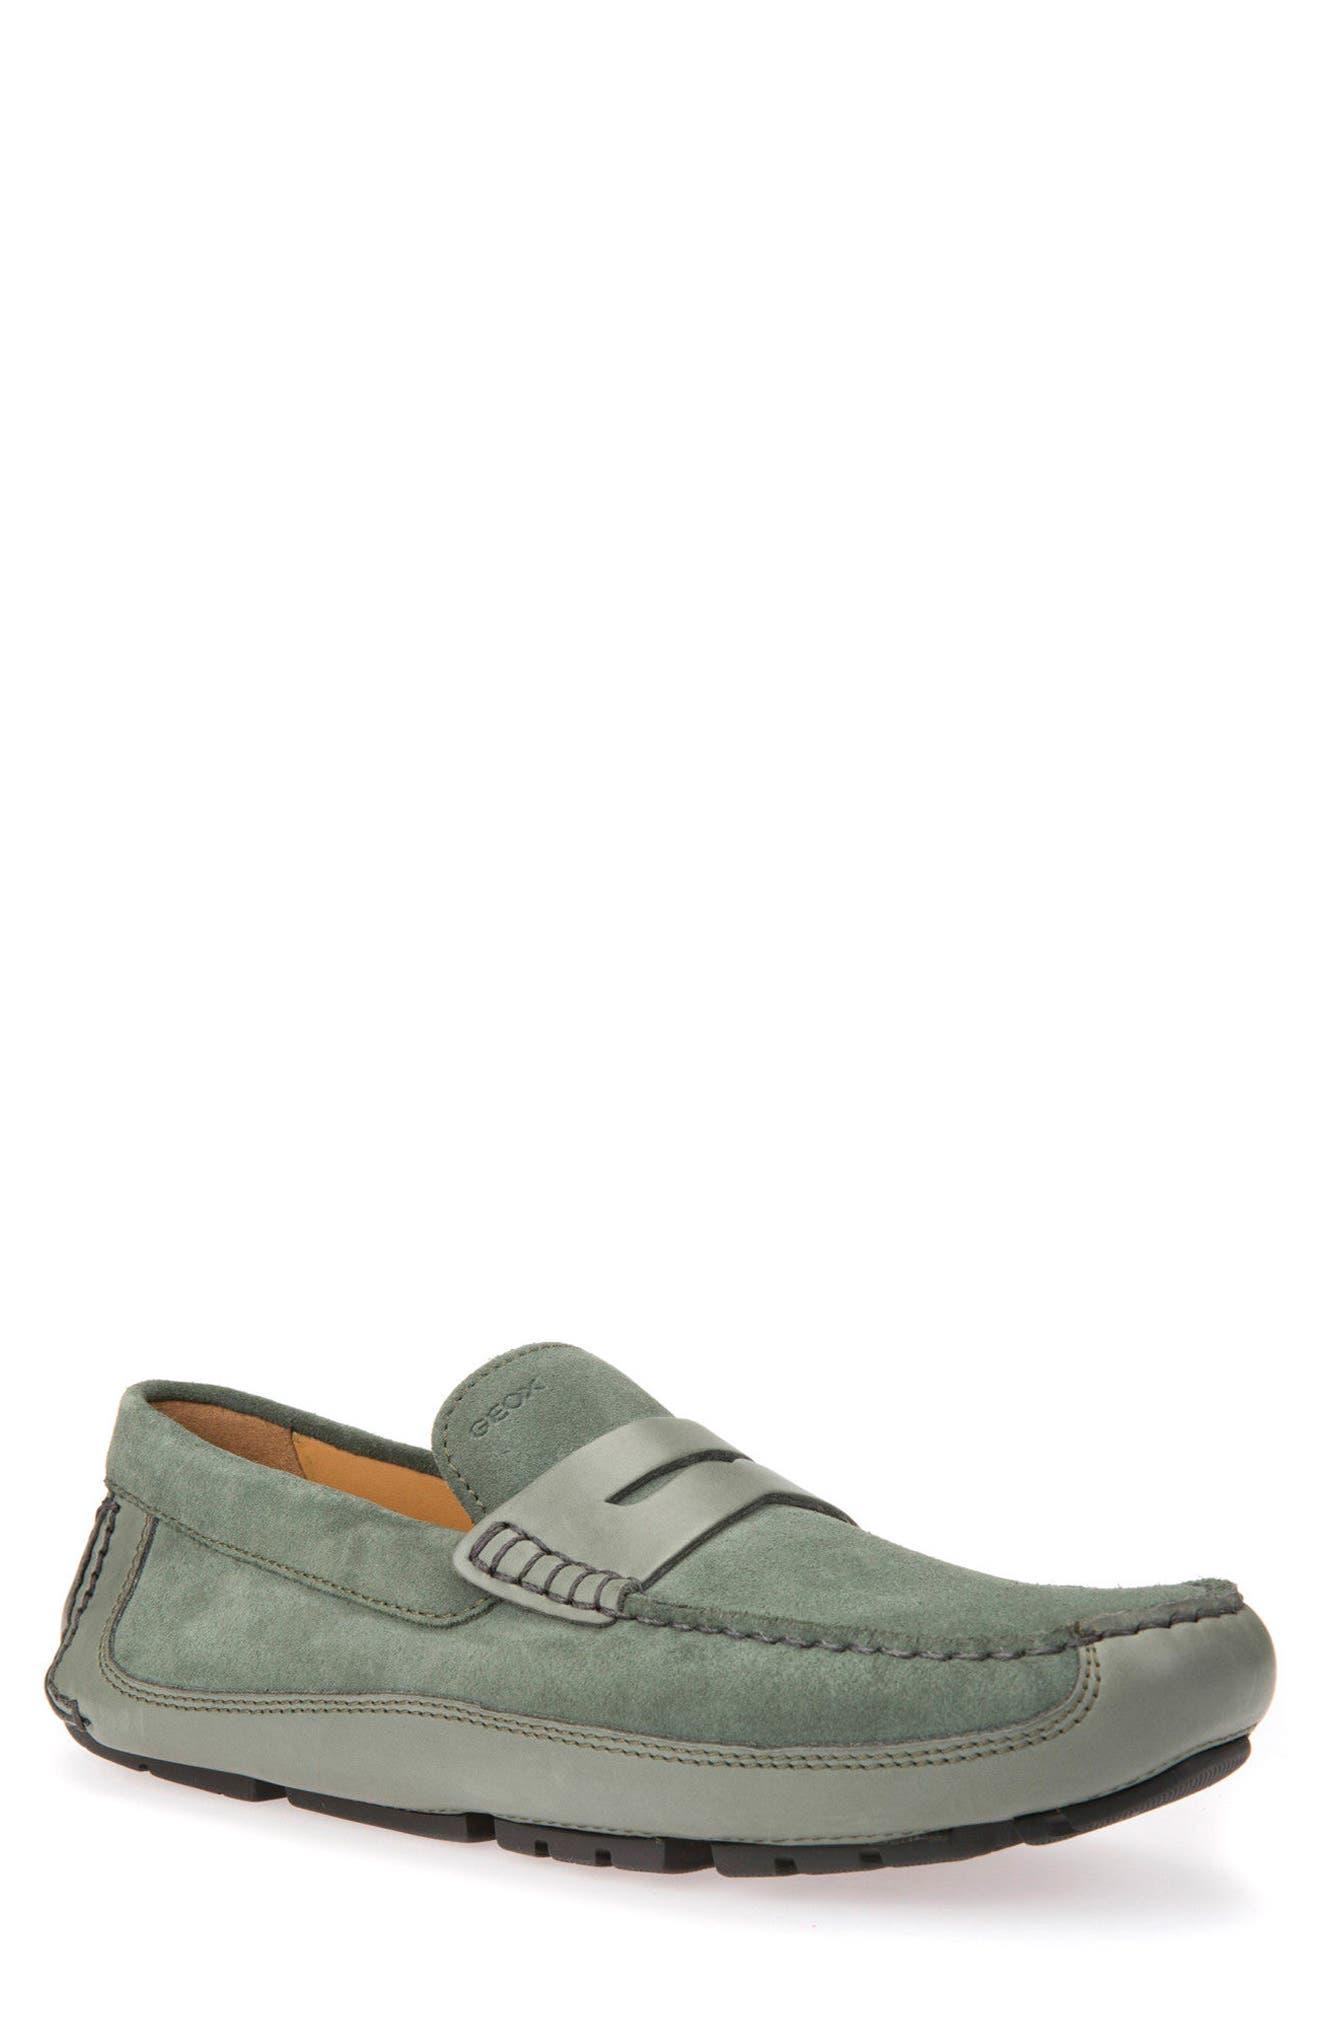 Melbourne 4 Driving Loafer,                         Main,                         color, Sage